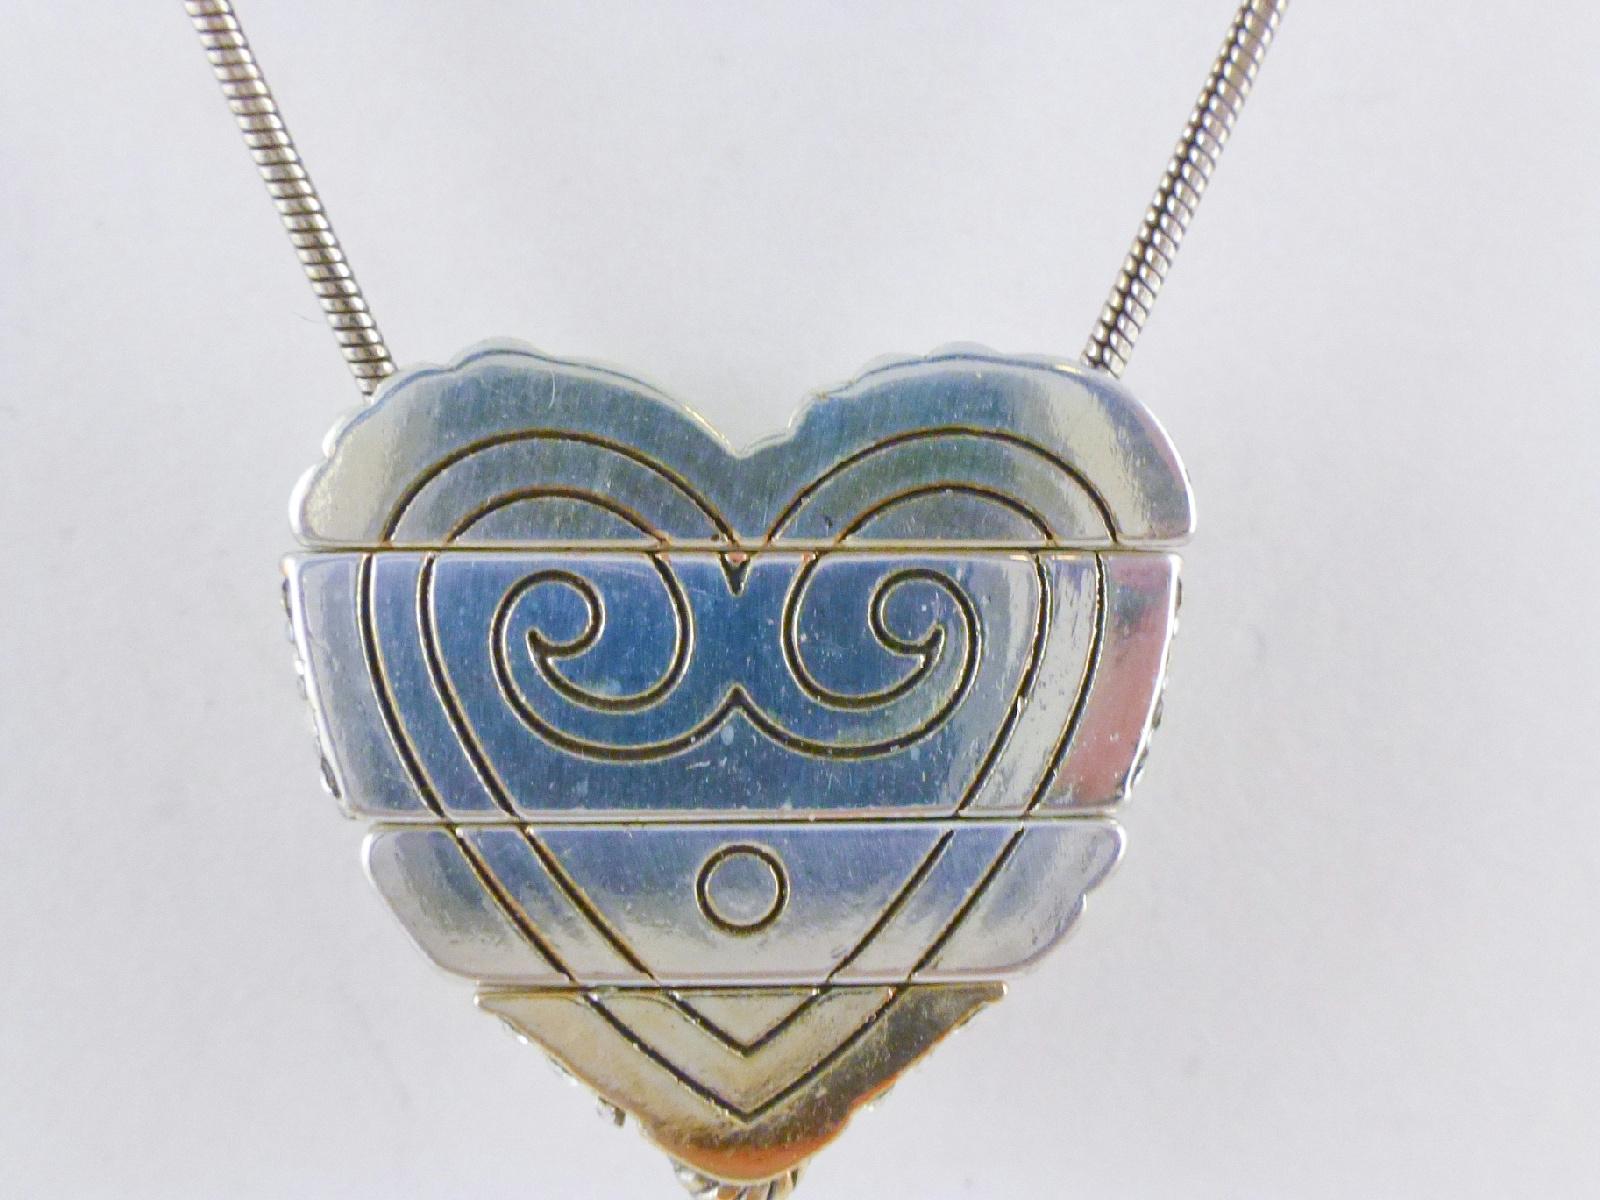 Brighton Heart Pendant And Chain